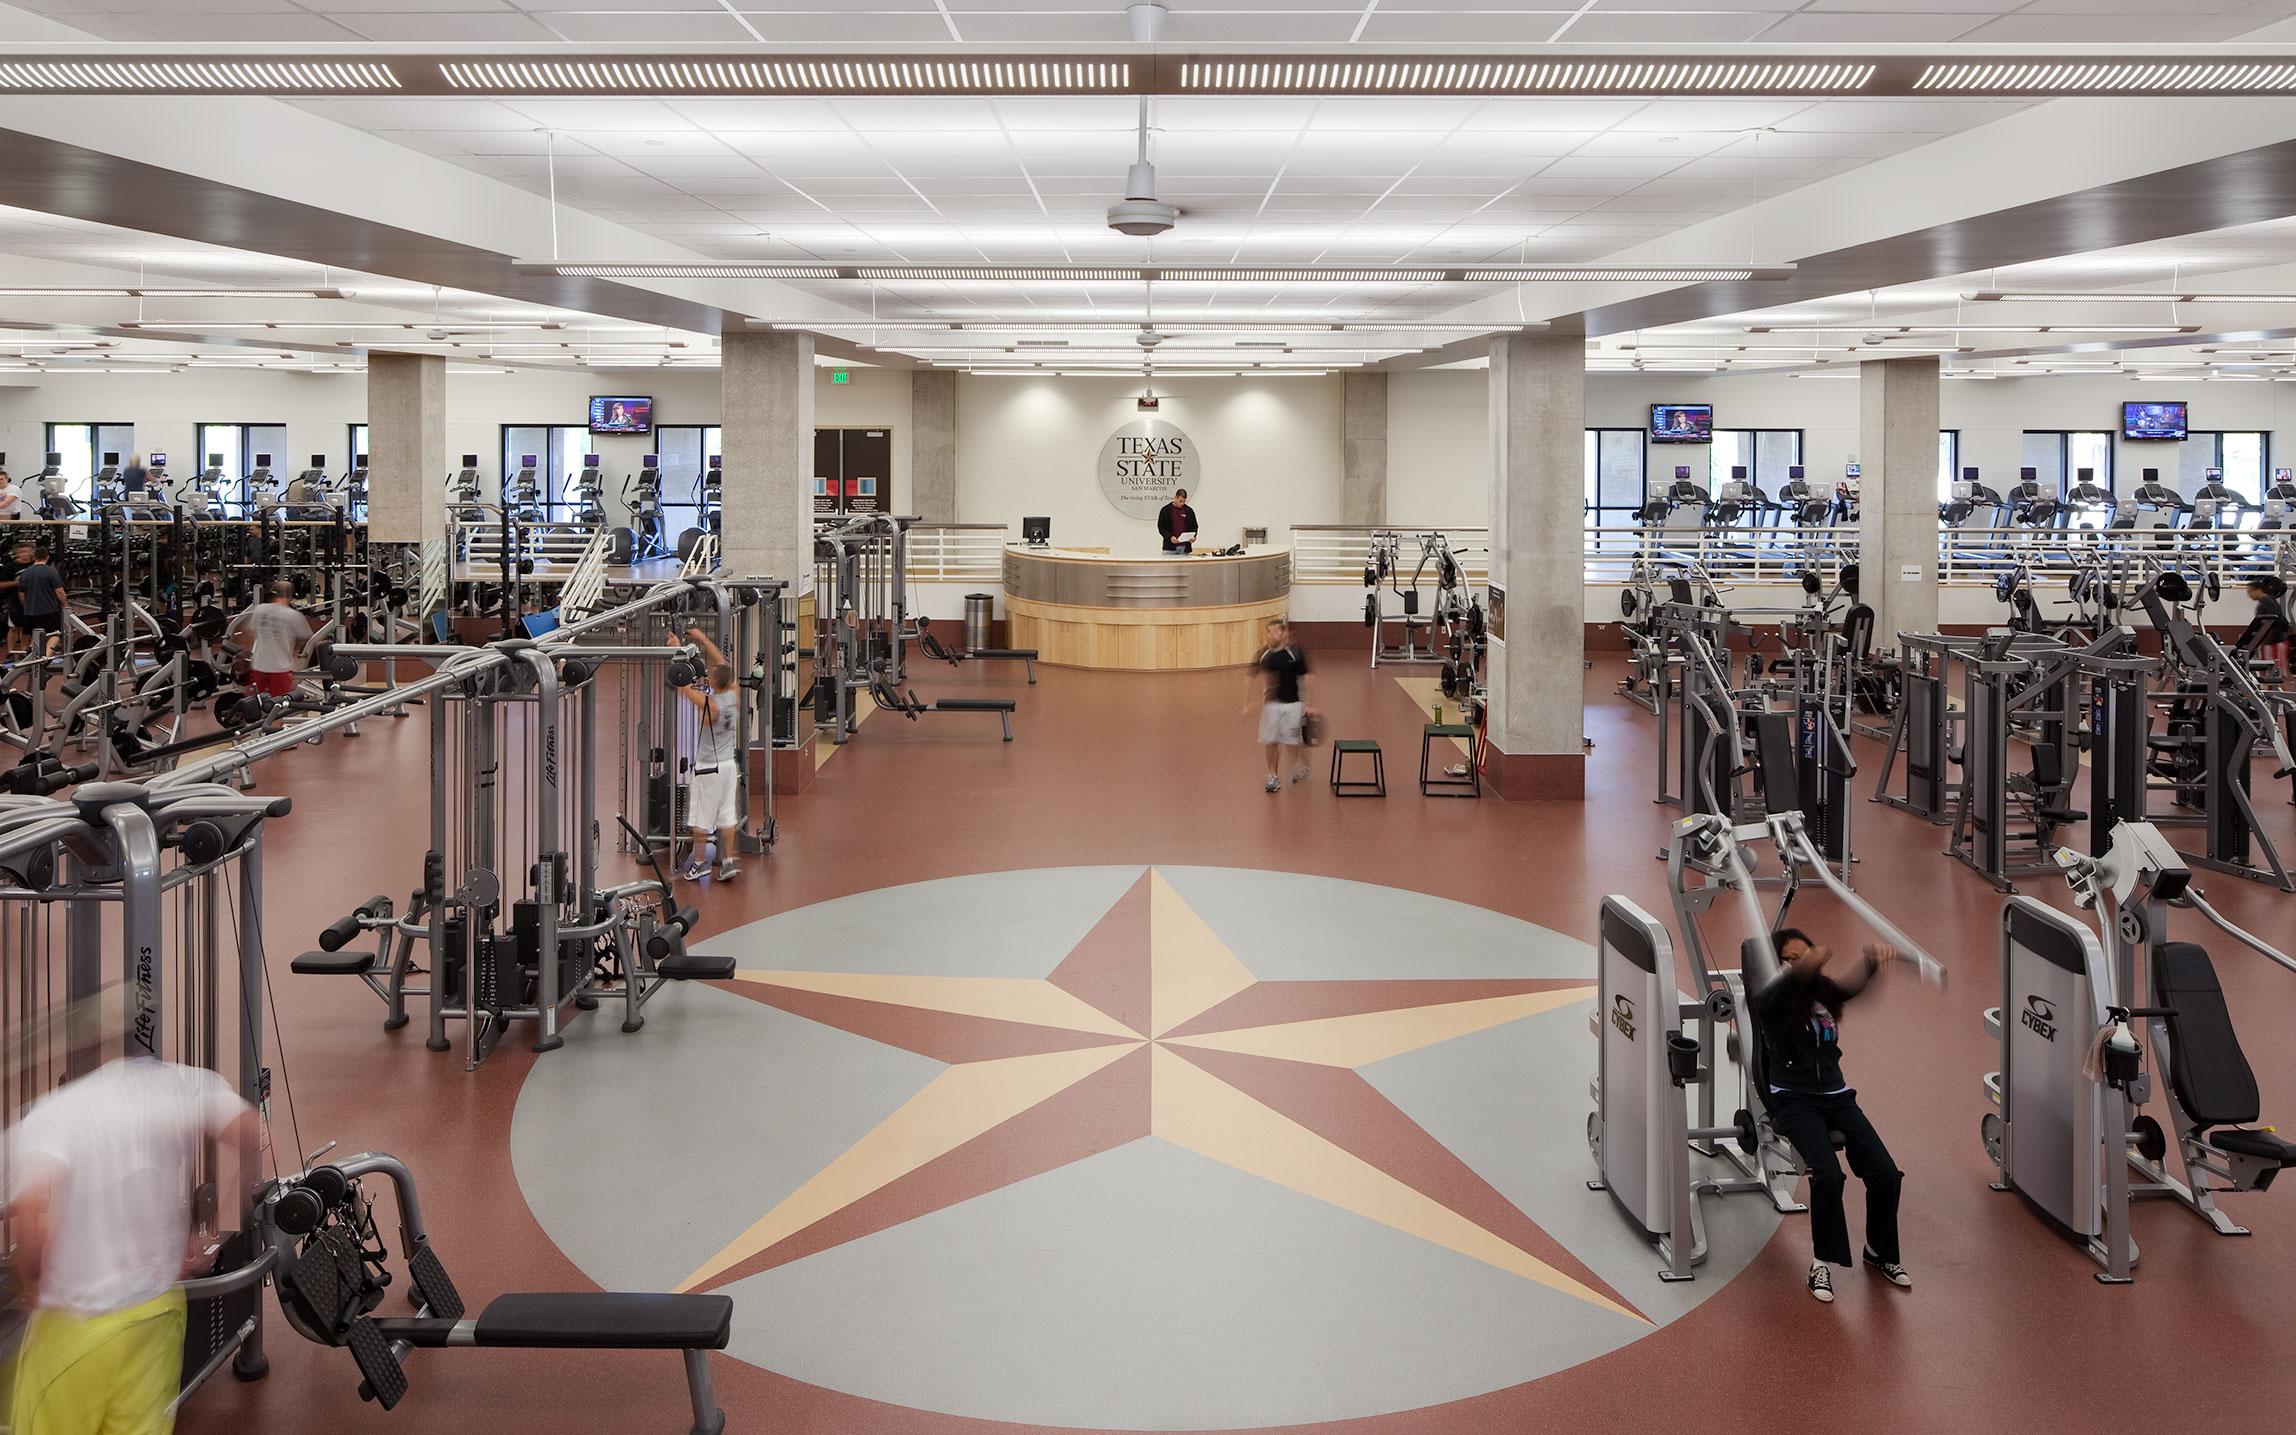 Interior Design Texas State